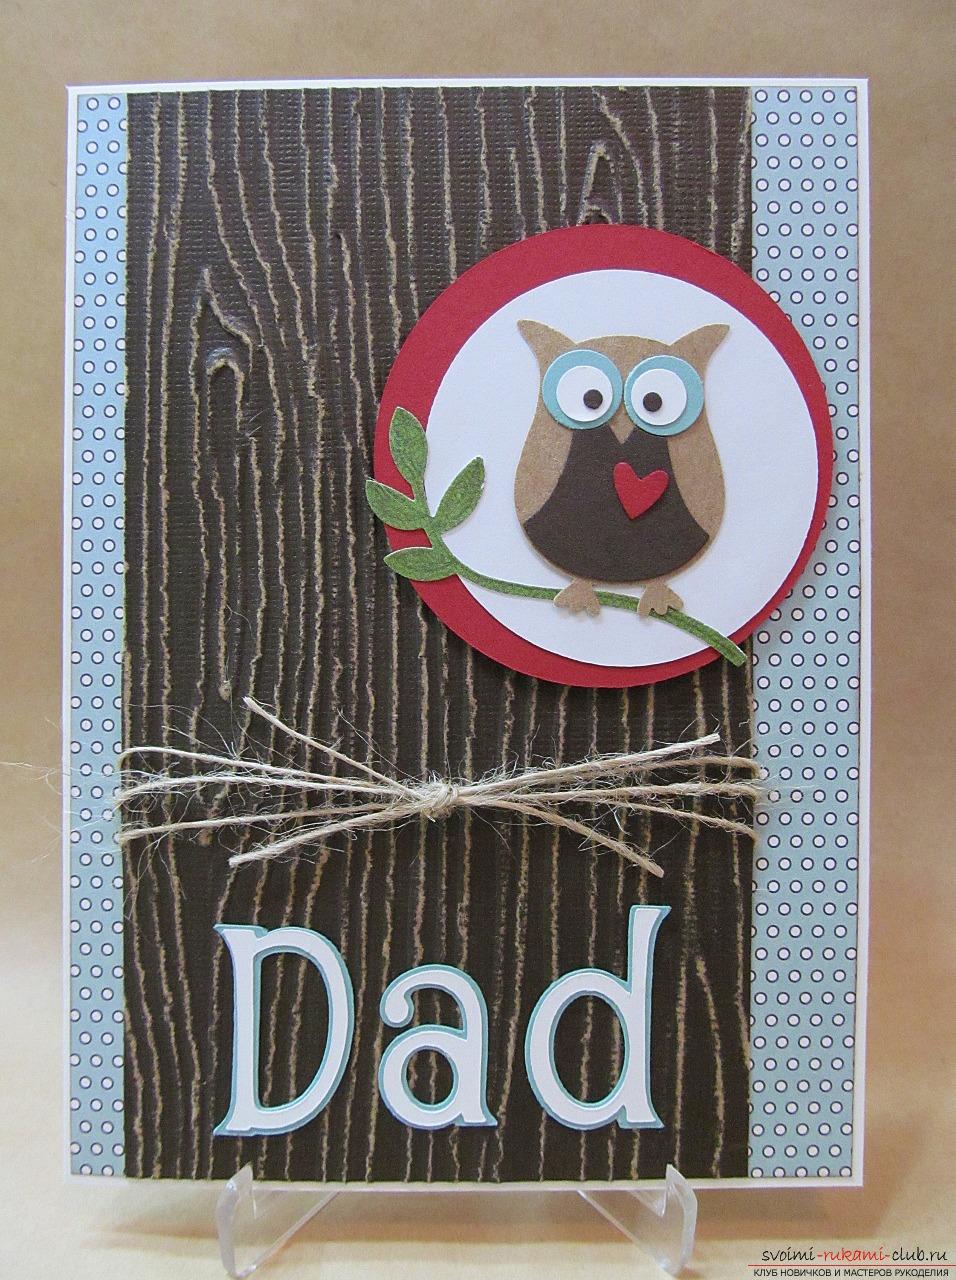 Какие открытки для папы на день рождения